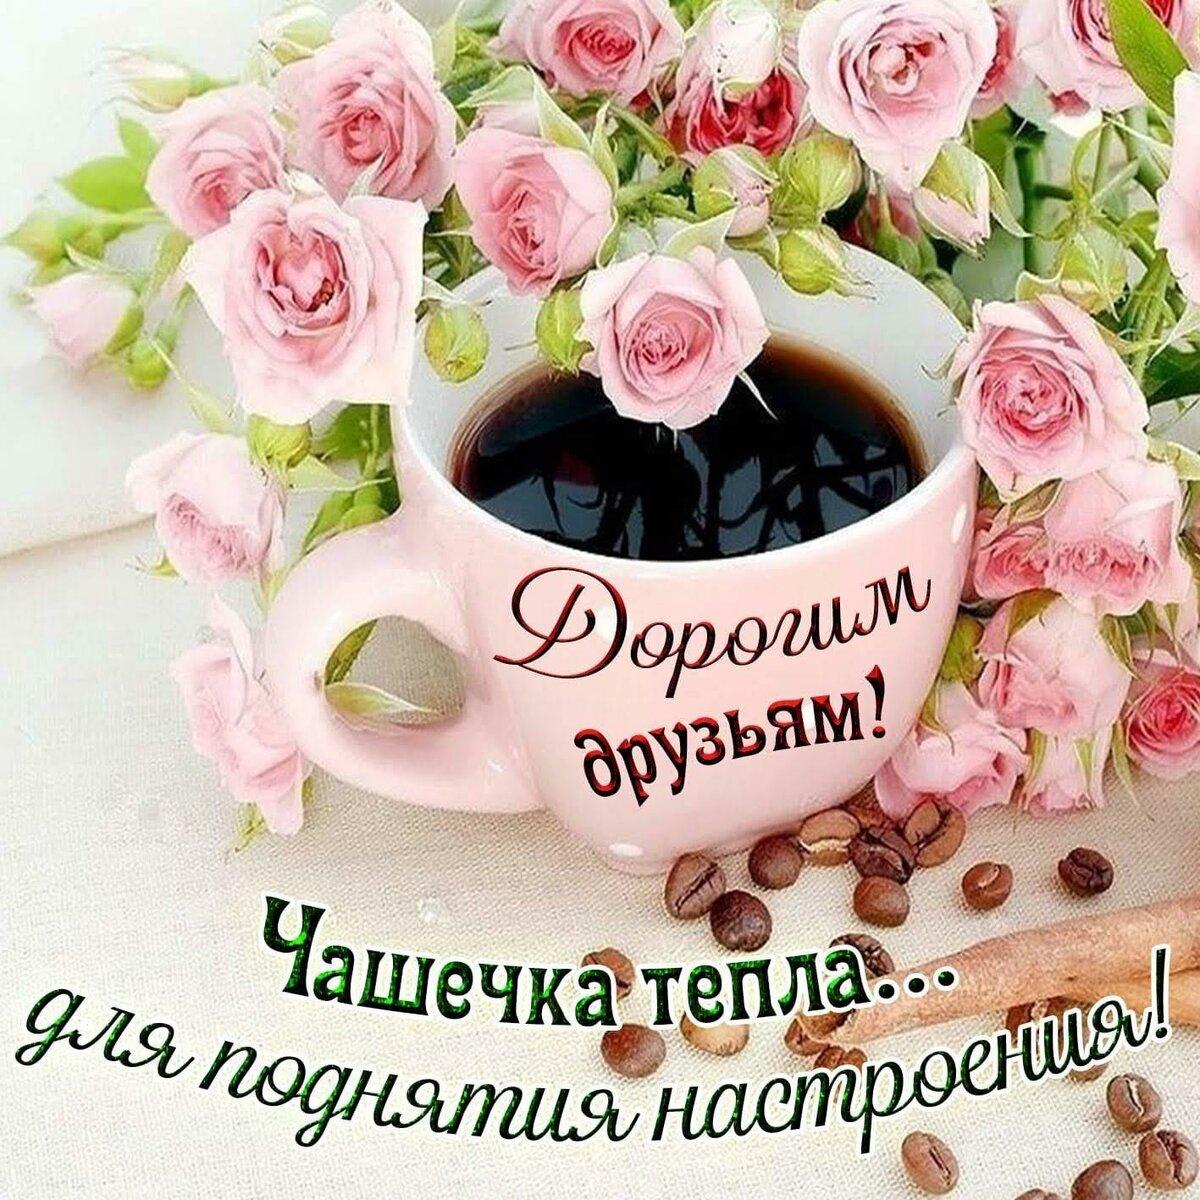 новое утро новые улыбки новые свежие радости картинки самое, перефразируя, можно